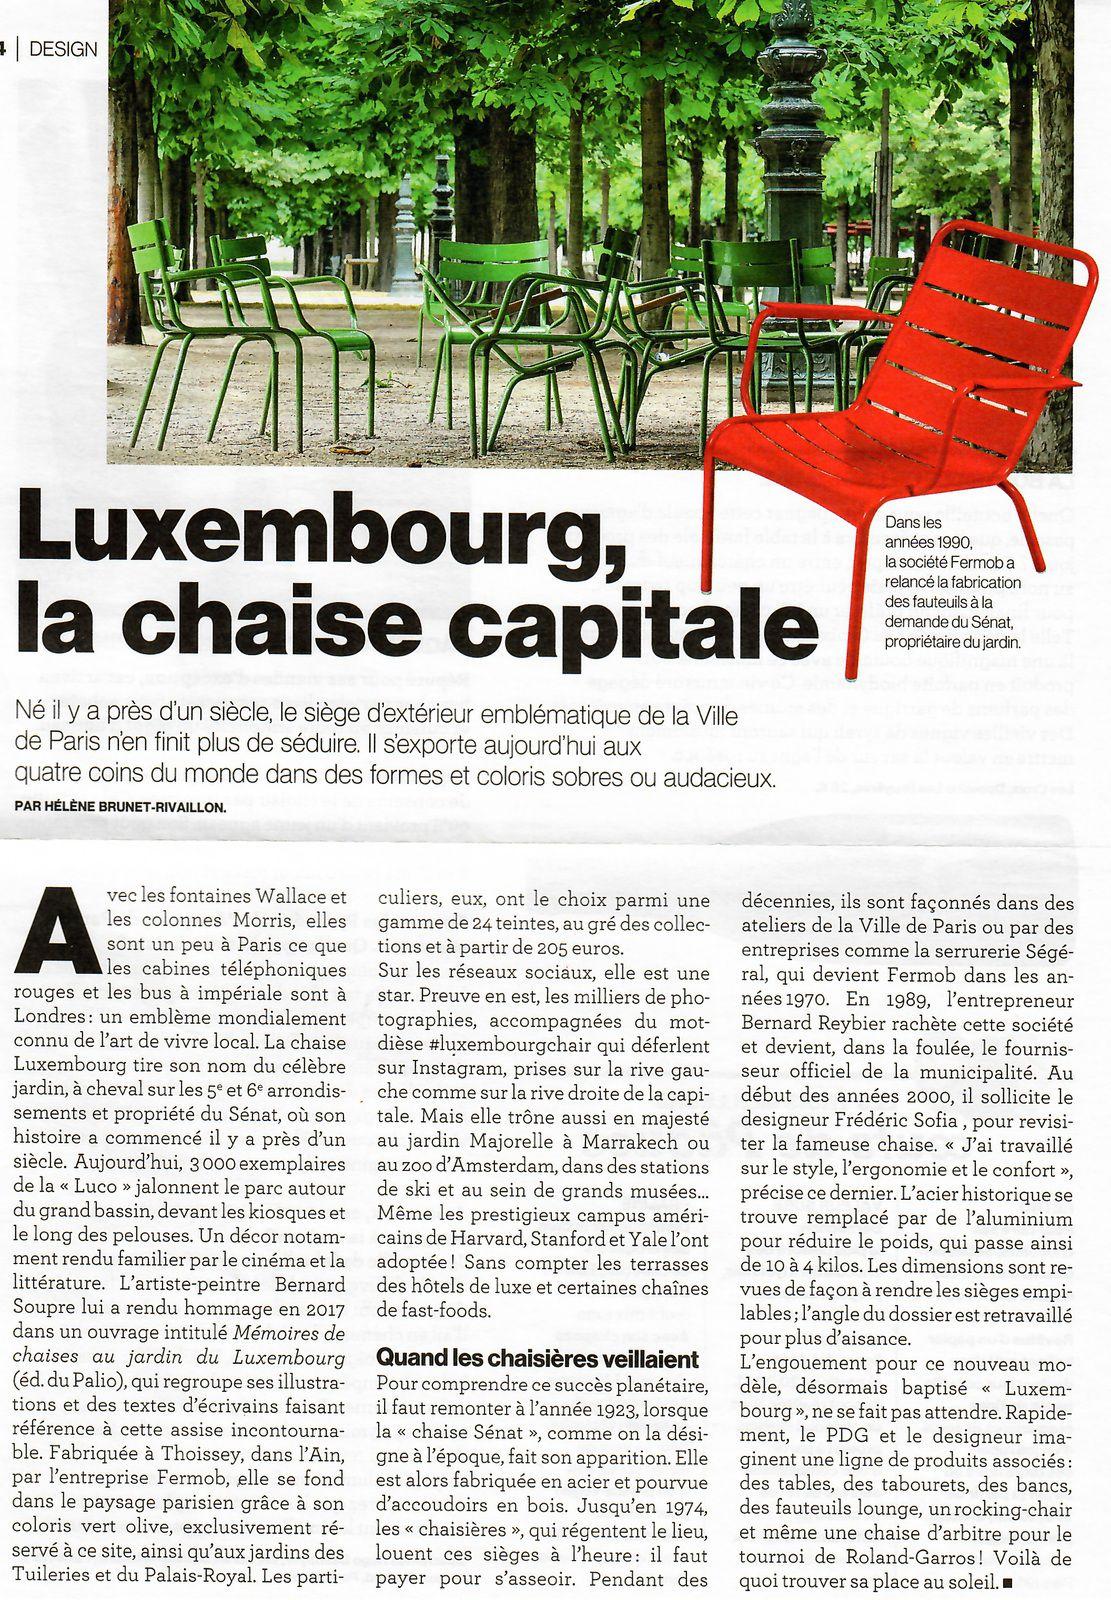 Photo J.S et vu et lu dans l'annuaire du Fabriqué en France 2021 et Le Parisien Weekend n° 23822 du 02/04/21